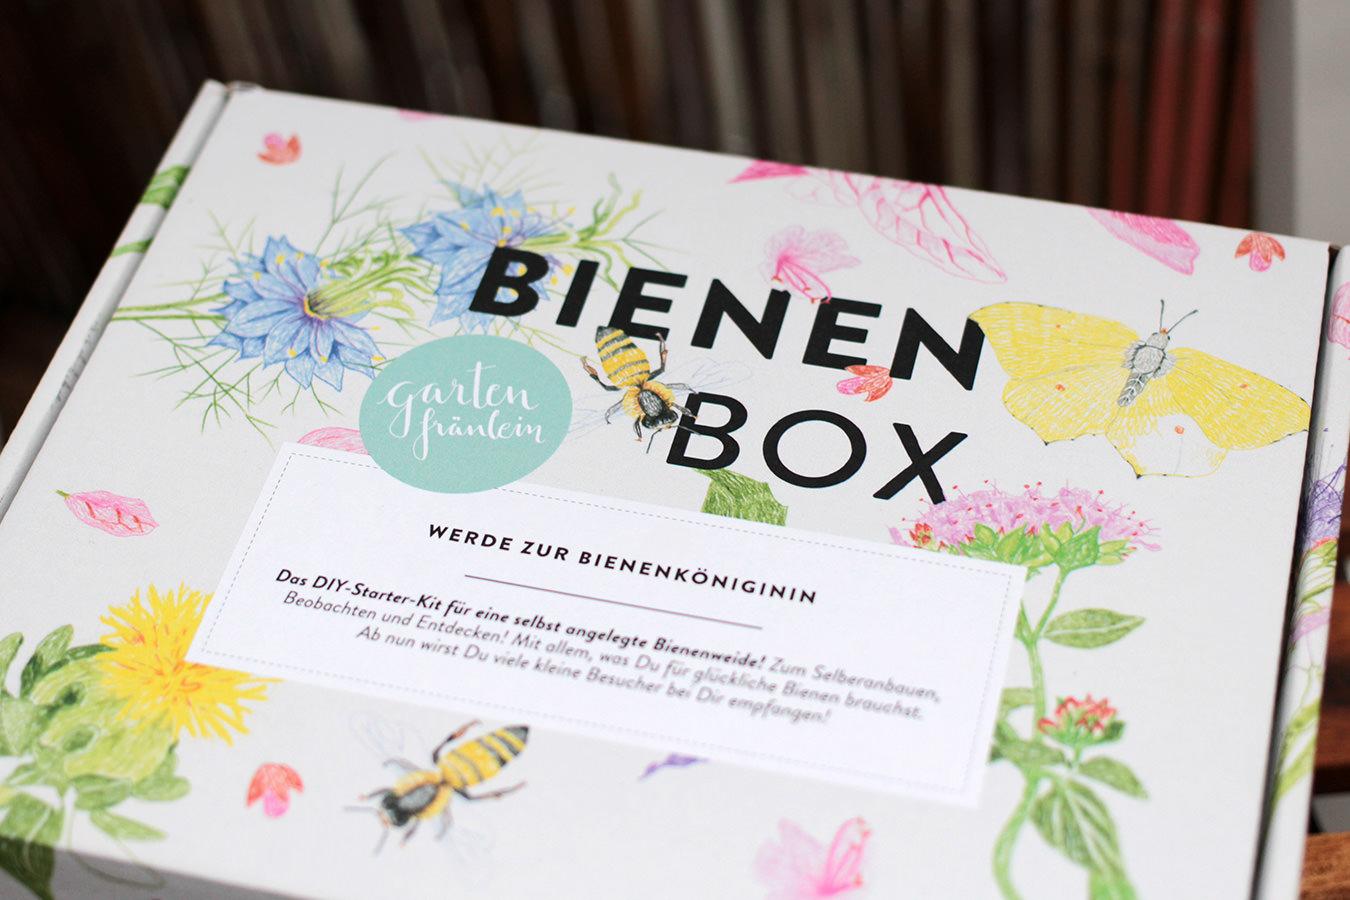 Makers: Silvia und ihr Garten Fräulein aus Würzburg